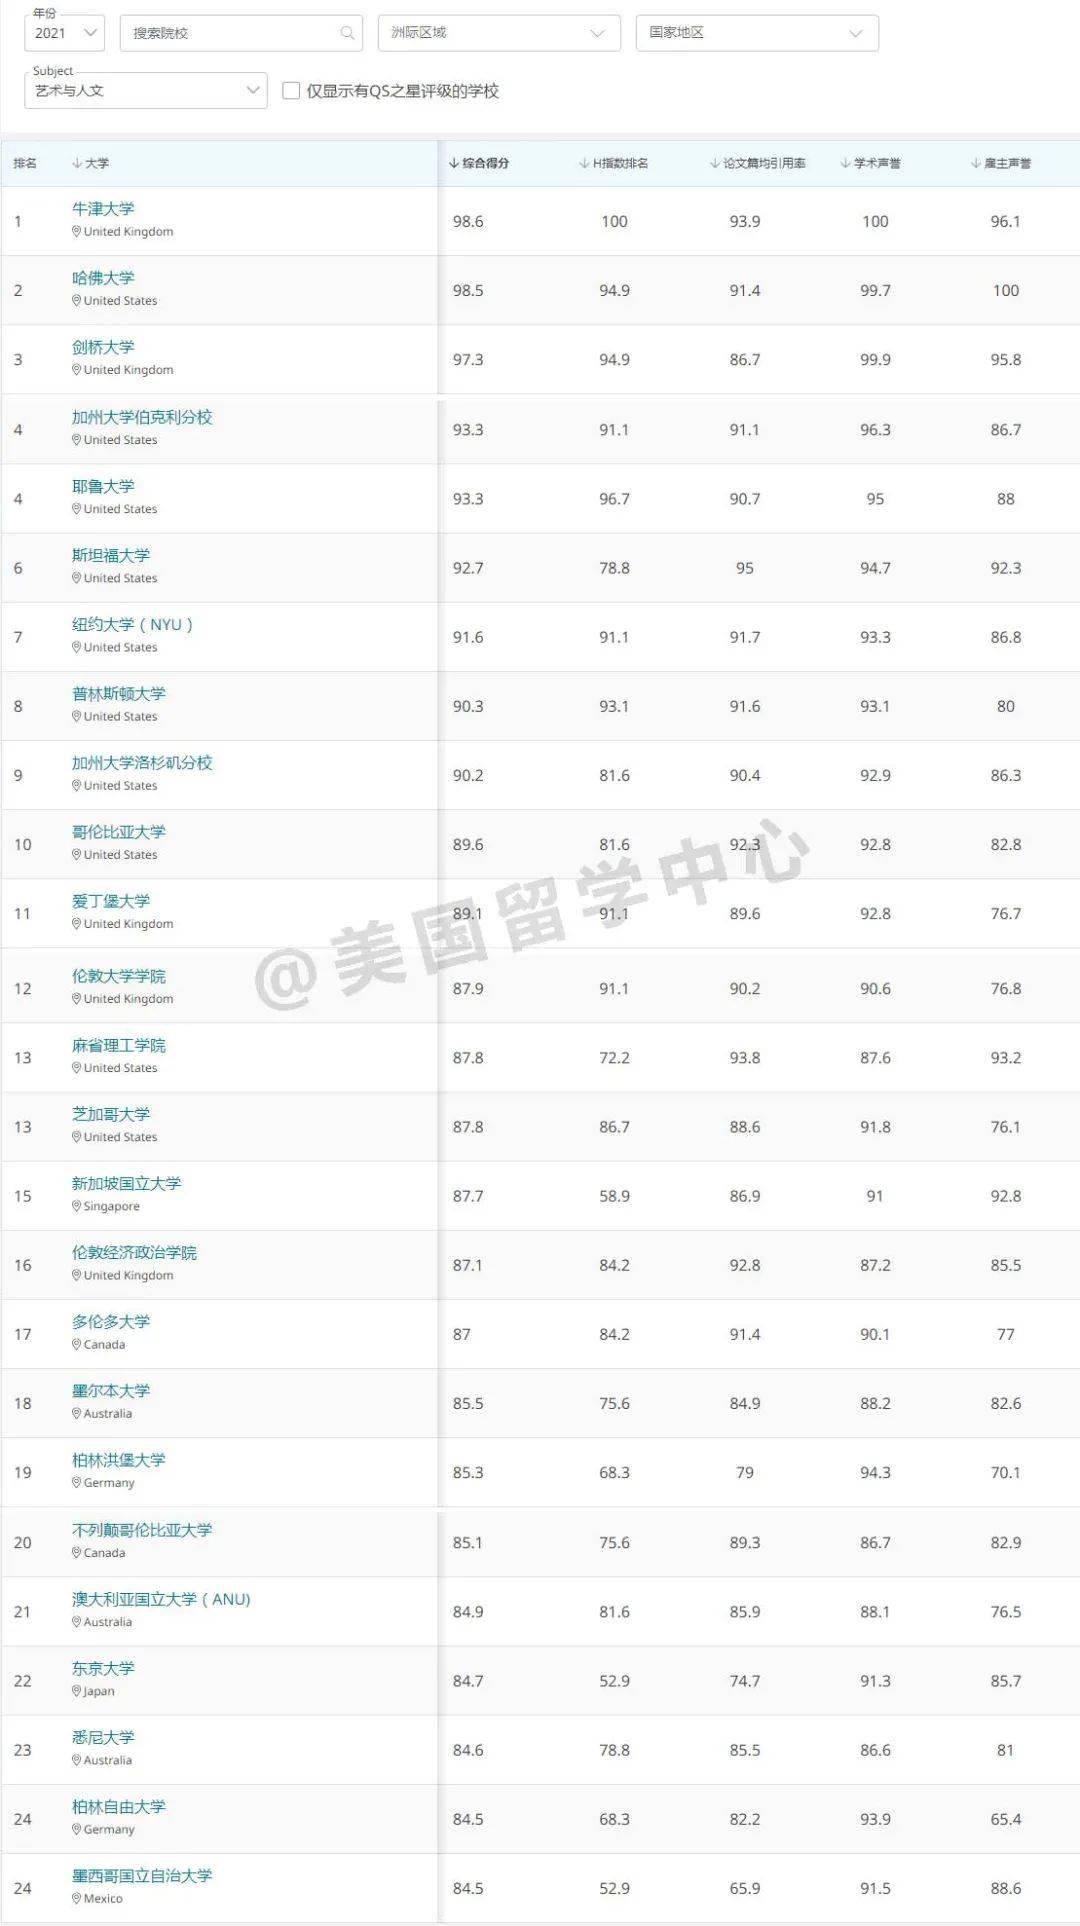 最新!2021年QS世界大学5大领域51个专业排名!我发现不少偏科大学!